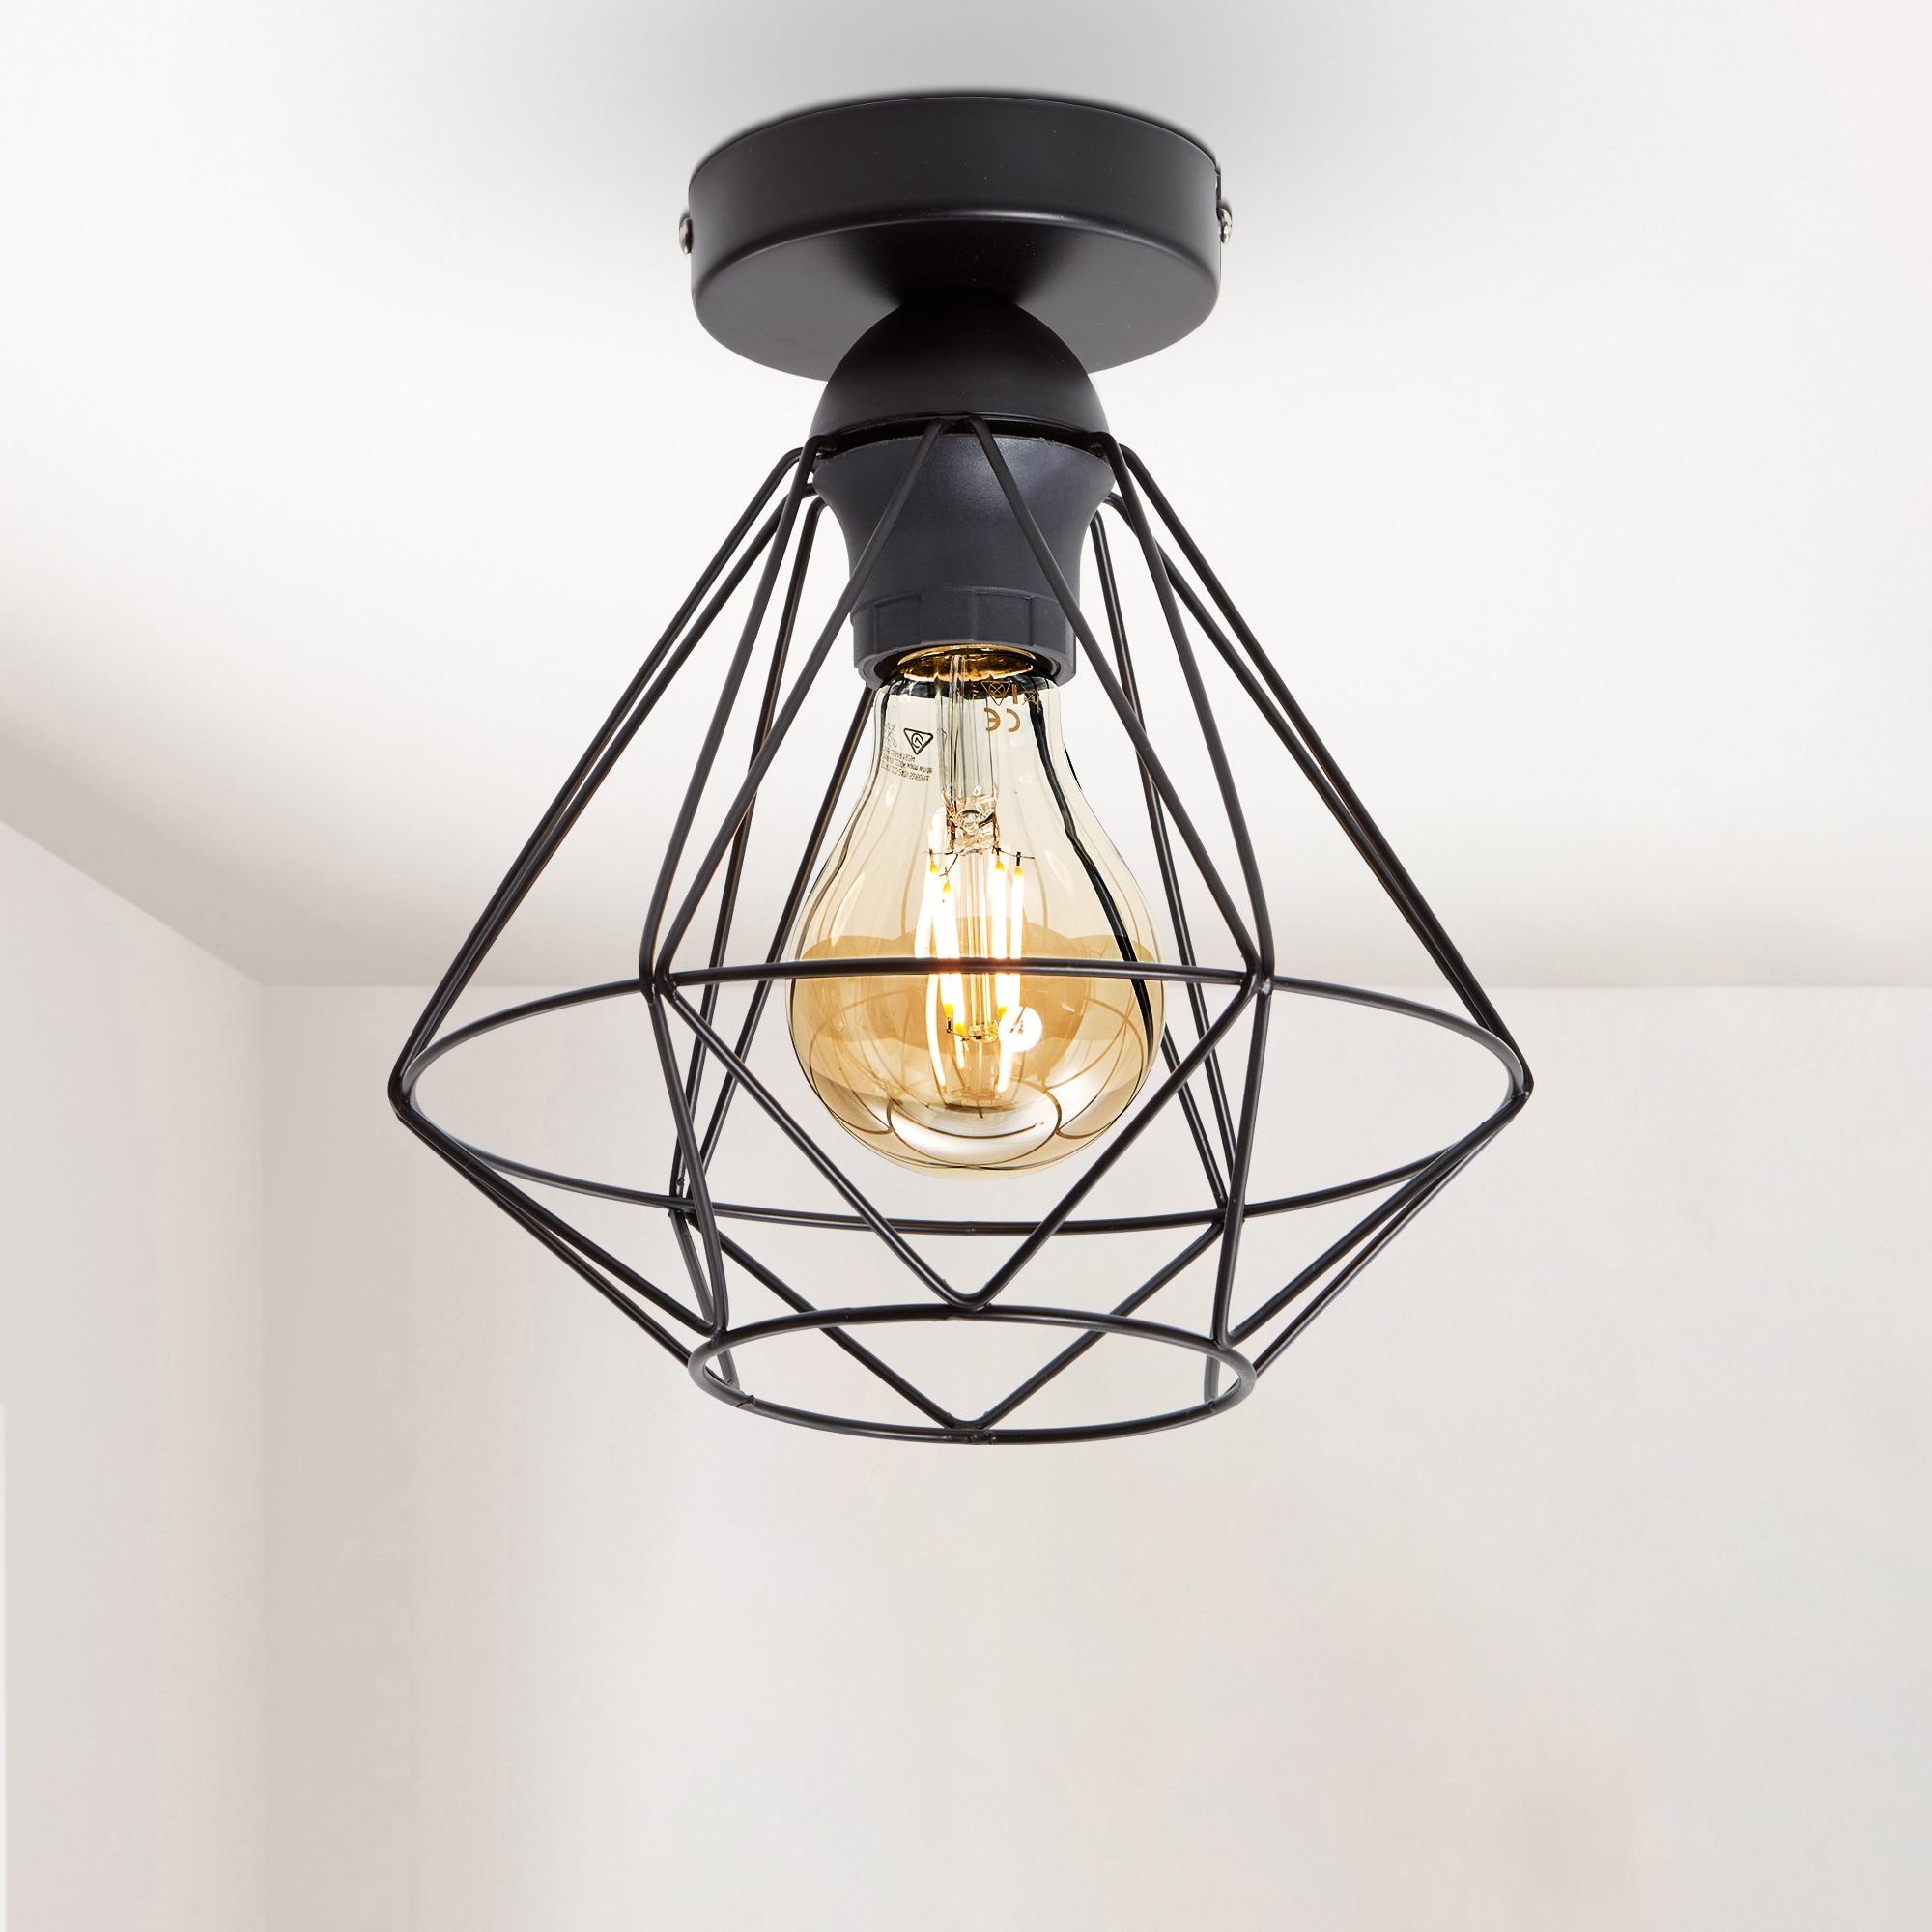 B.K.Licht Deckenleuchte, E27, LED Deckenlampe schwarz Metall Draht Vintage Industrielampe Retroleuchte E27 Käfig